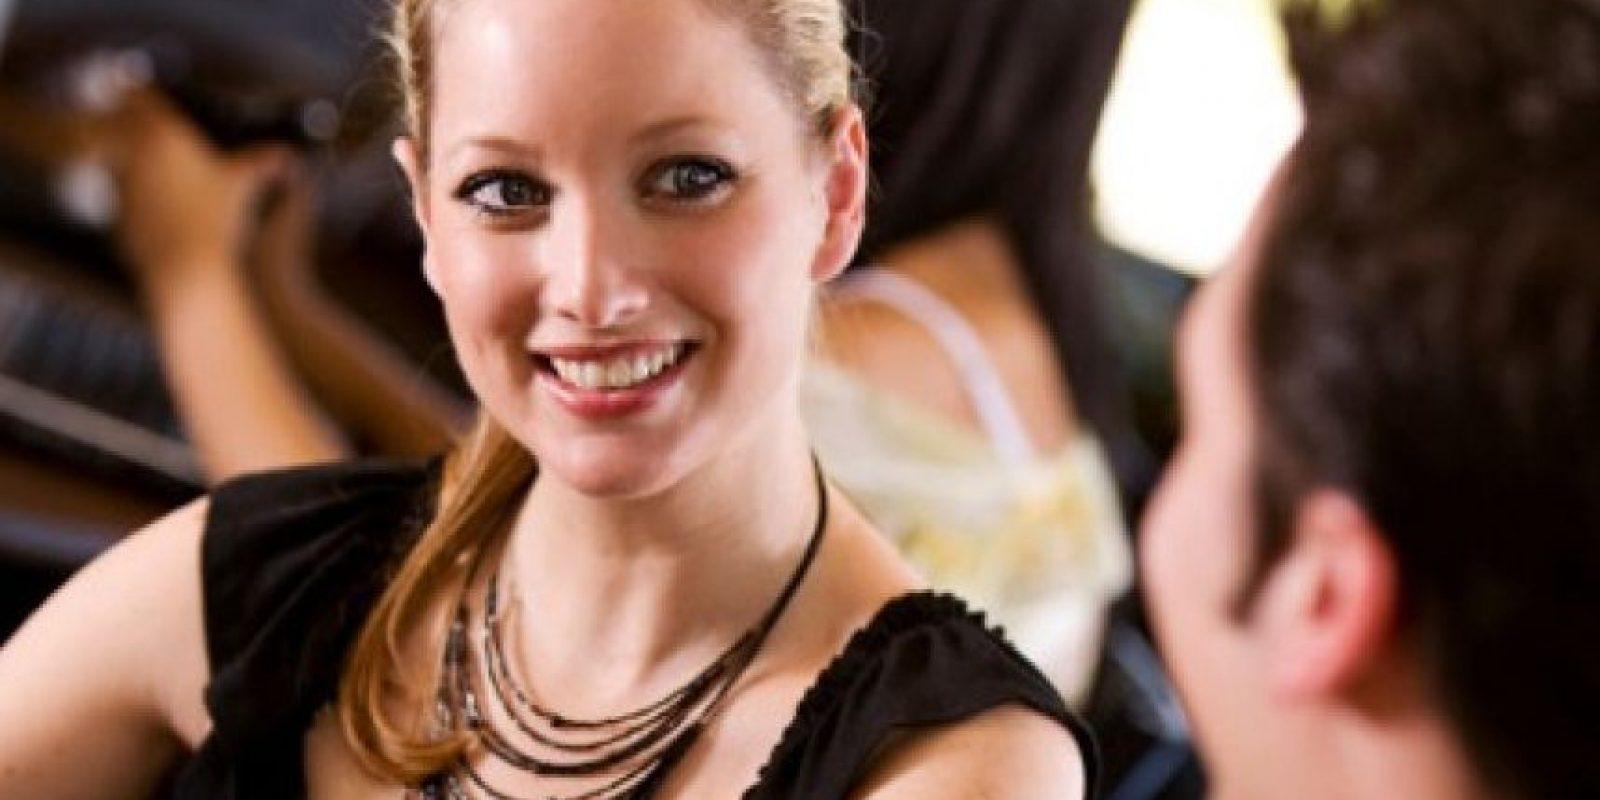 El 37% de las mujeres admitieron mentir respecto a su edad. Foto:Pixabay